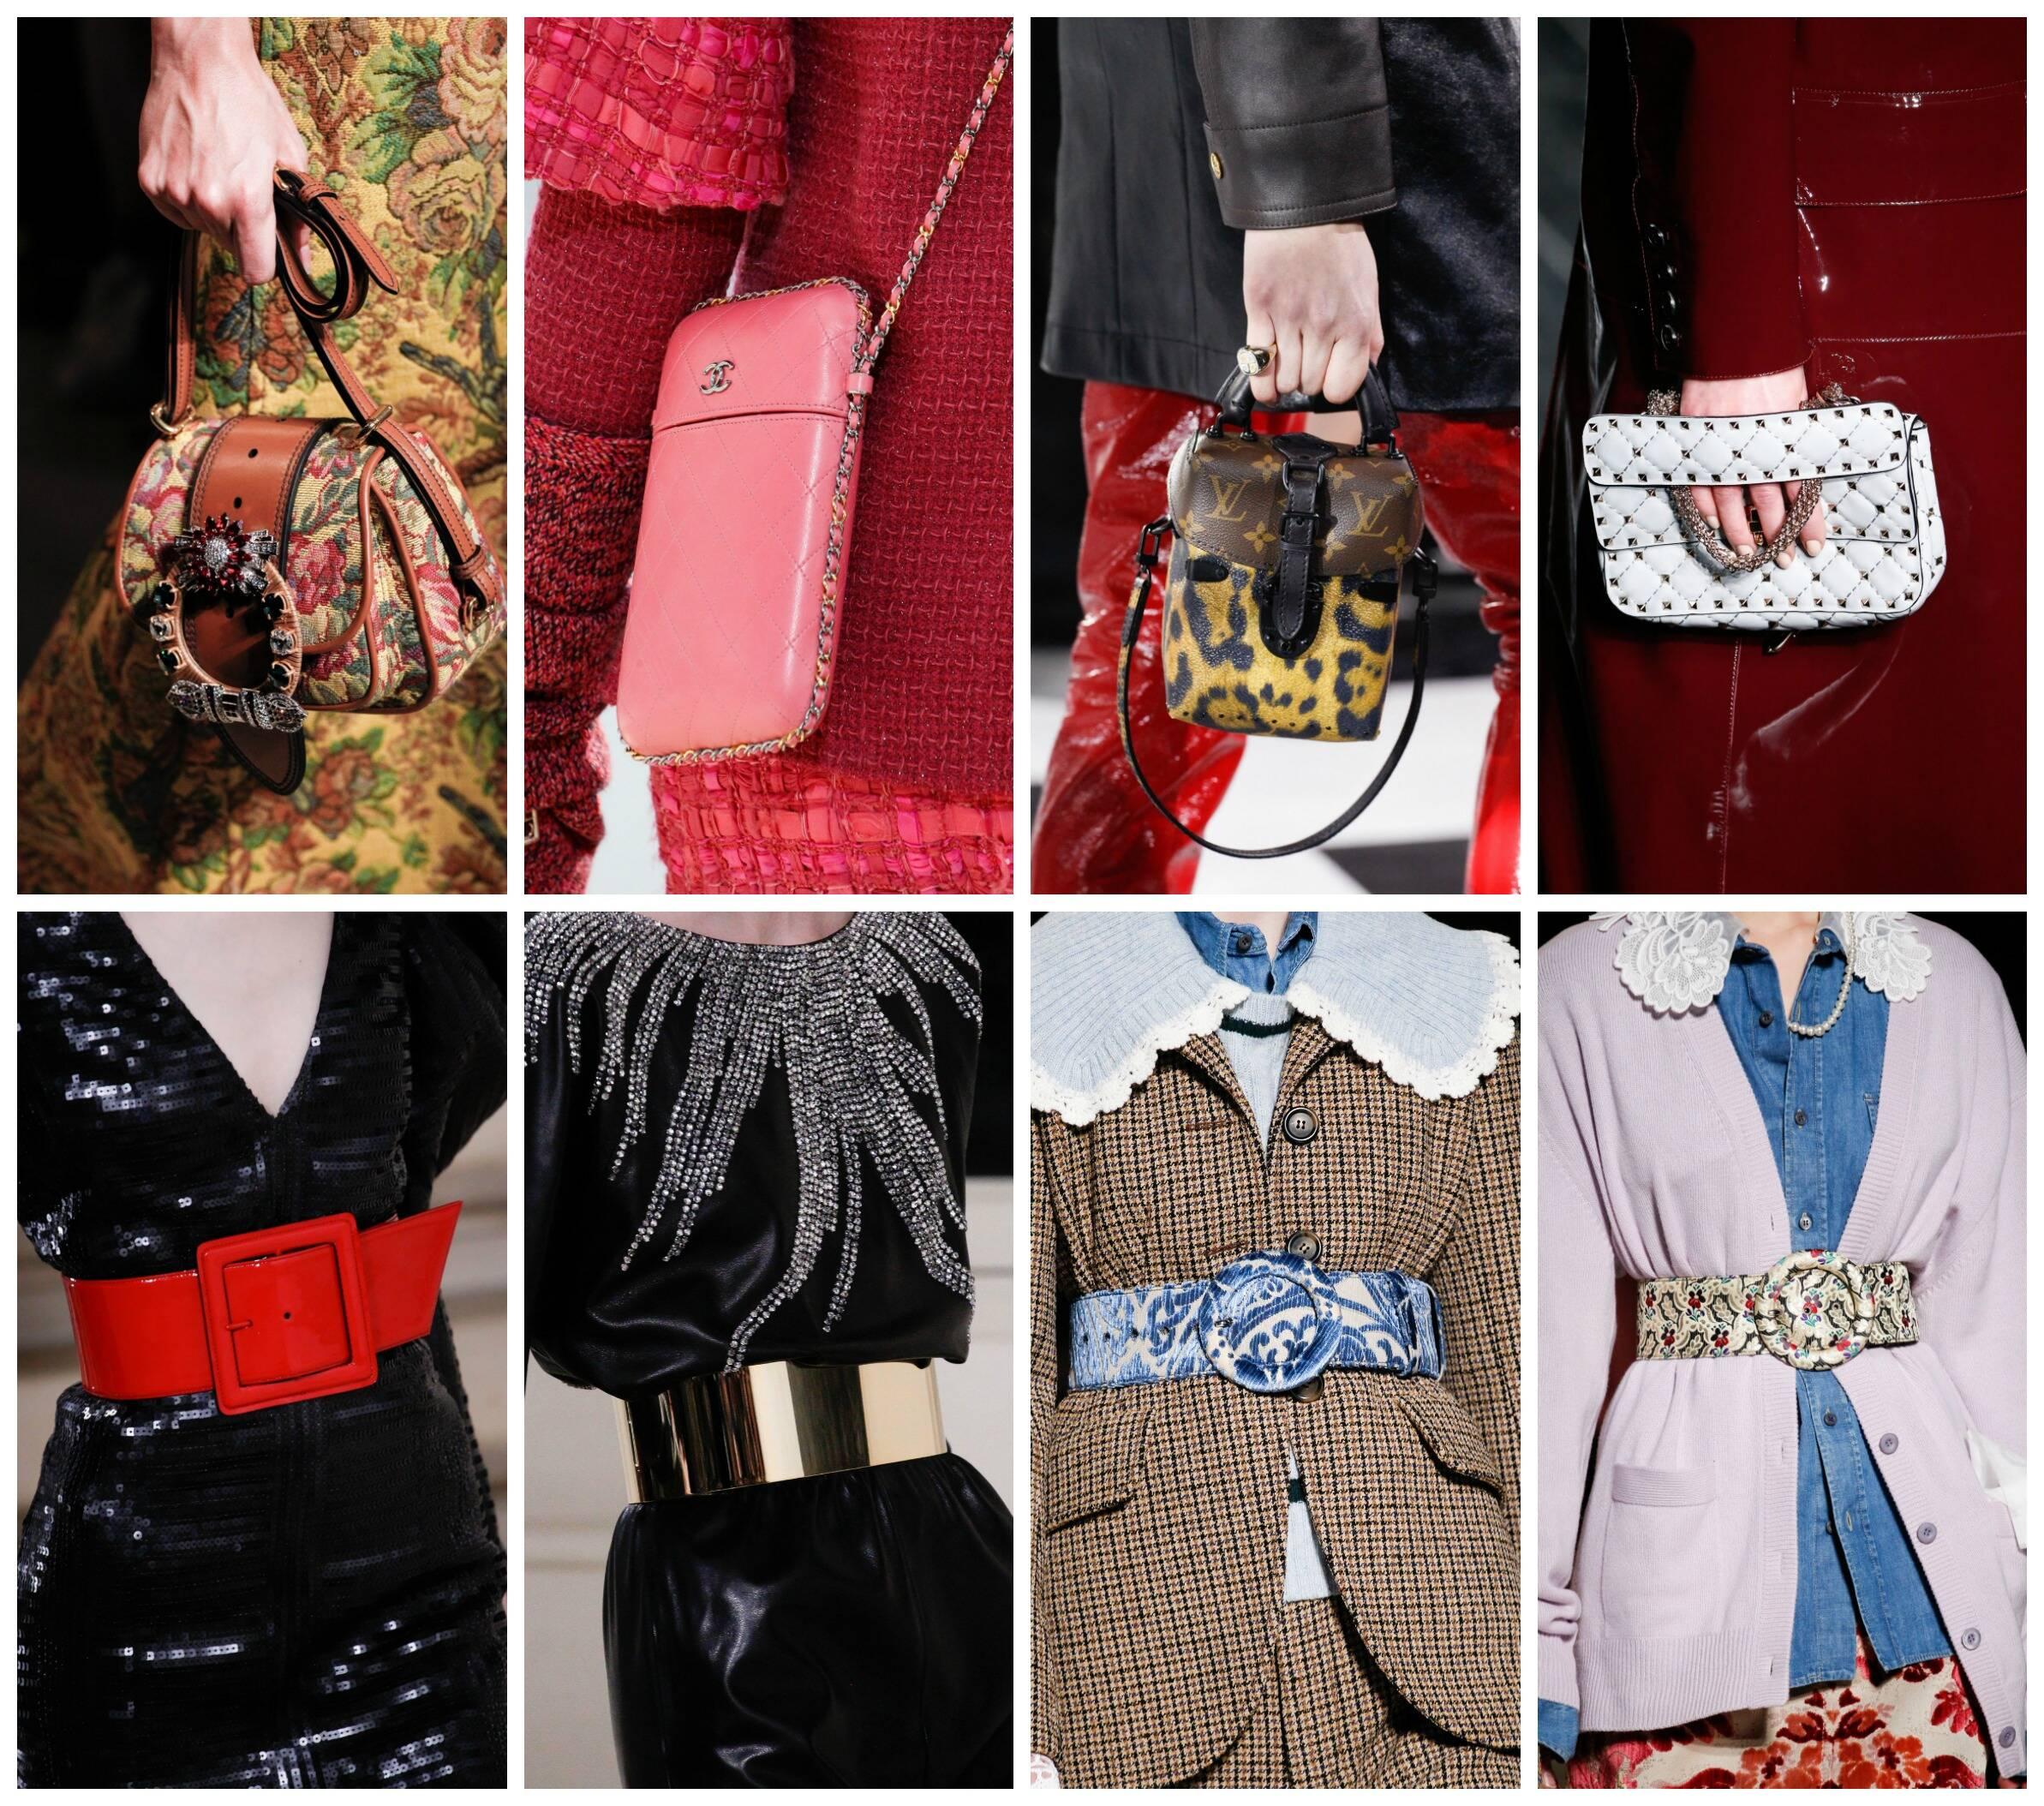 Em cima, na ordem em que aparecem, as bolsas da Miu-Miu, Chanel, Louis Vuitton e Valentino; nesta fileira, os cintos da Saint-Laurent, nas duas primeiras fotos e, em seguida, os cintos da Miu-Miu